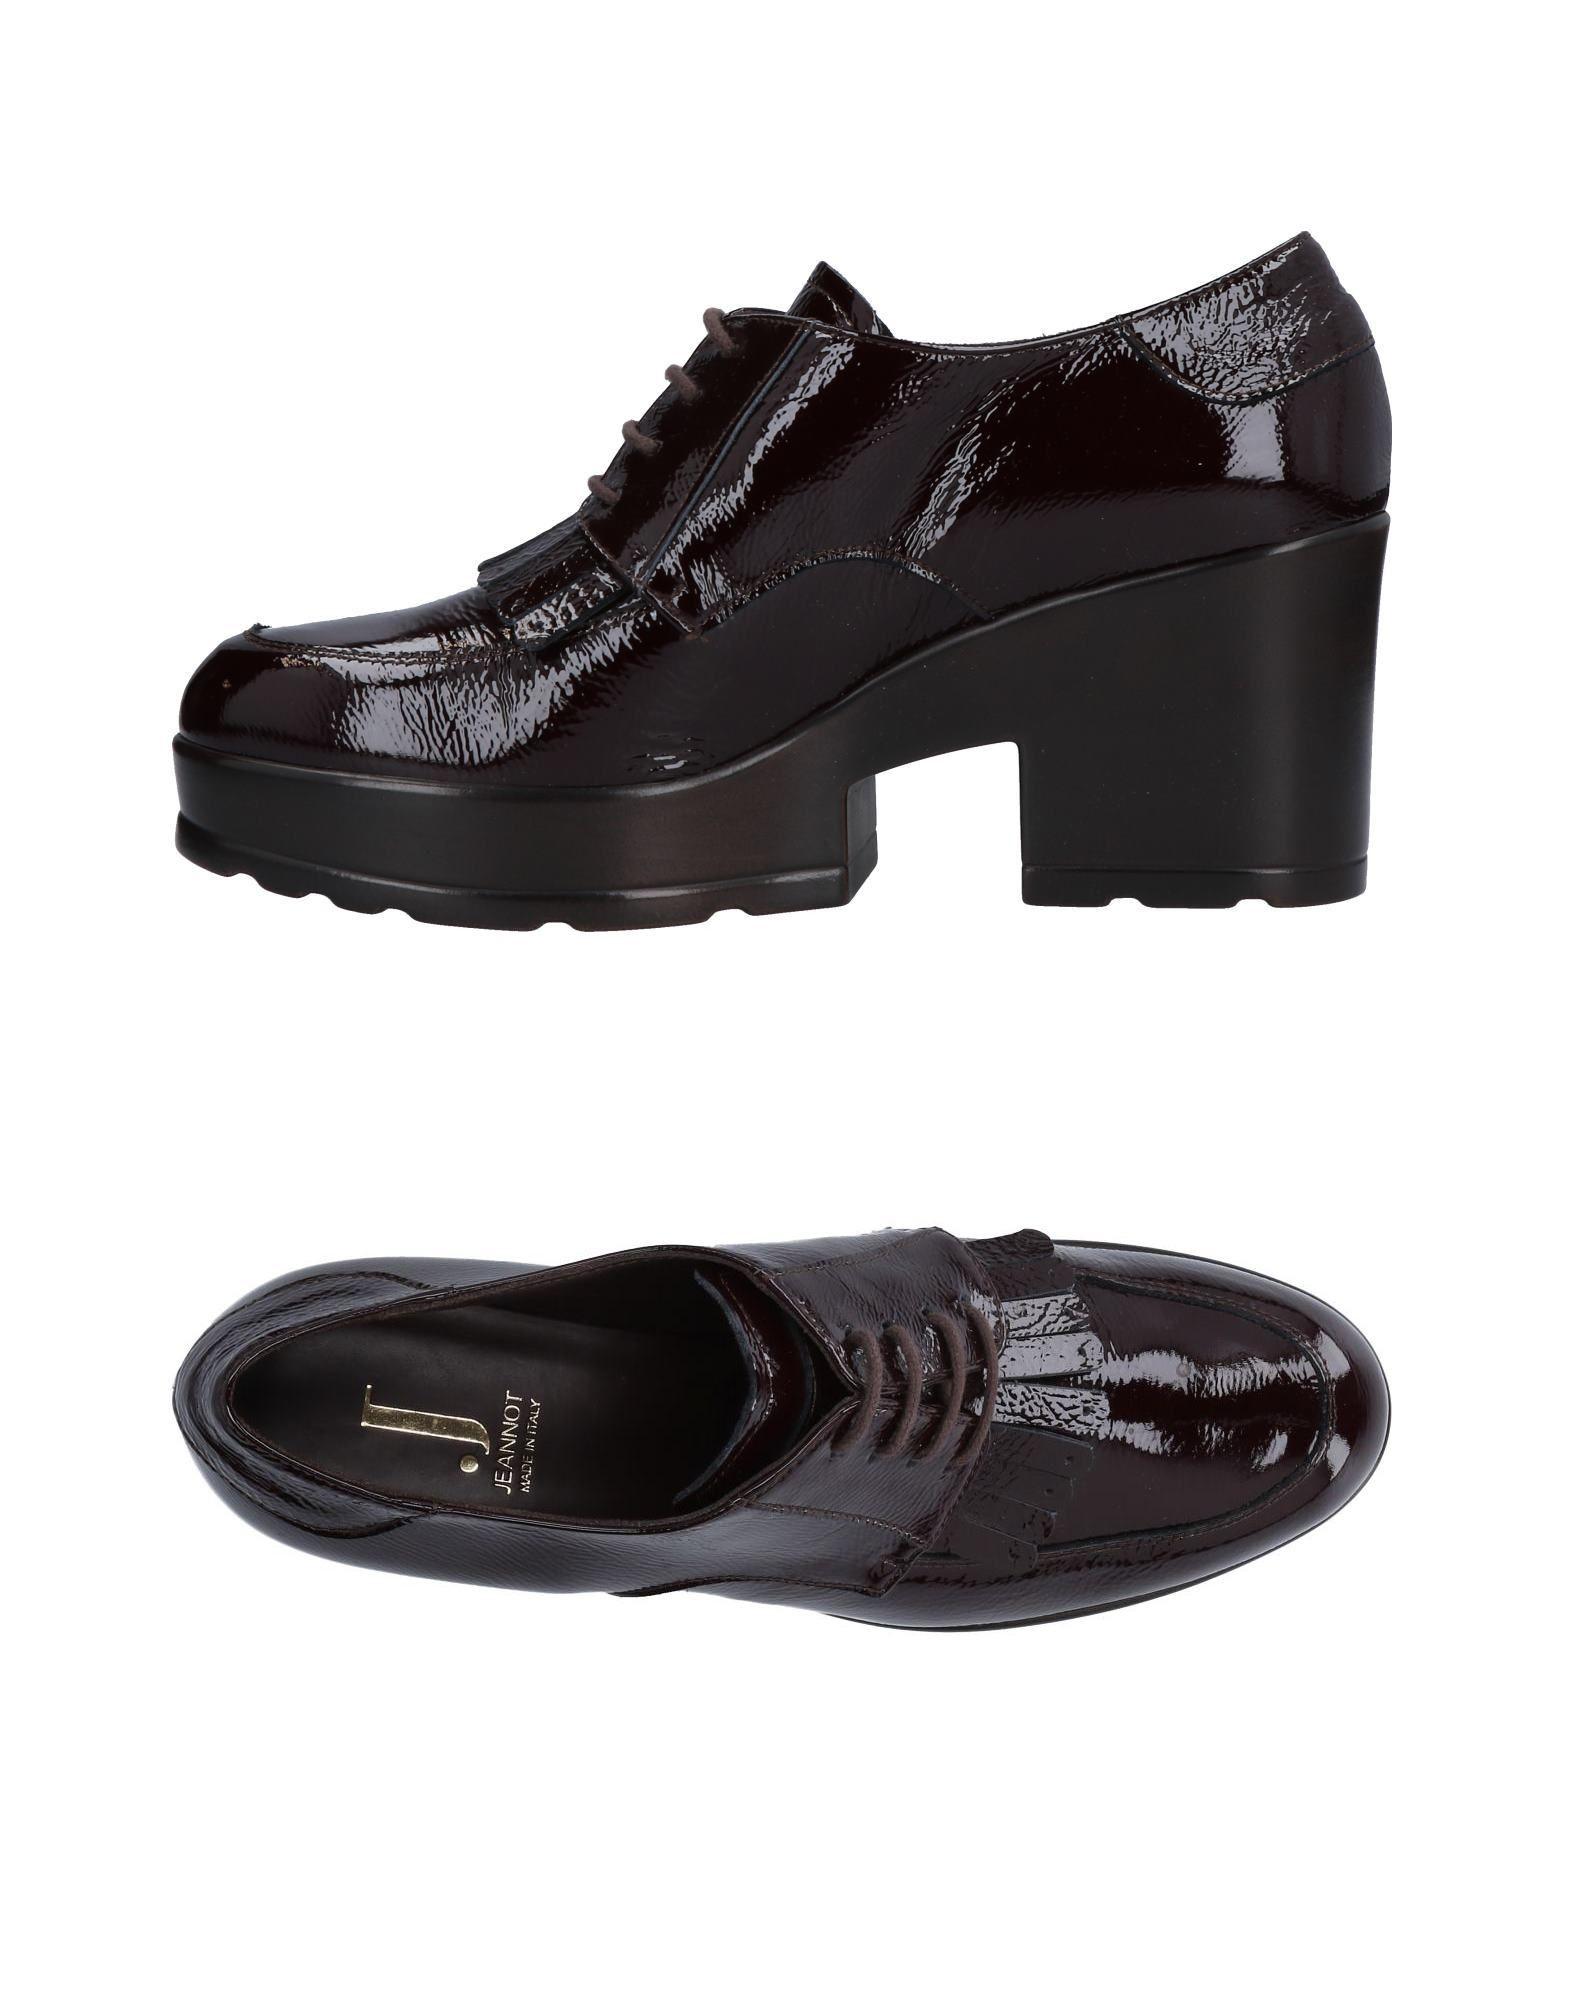 Jeannot Schnürschuhe Damen  11504259OF Gute Qualität beliebte Schuhe